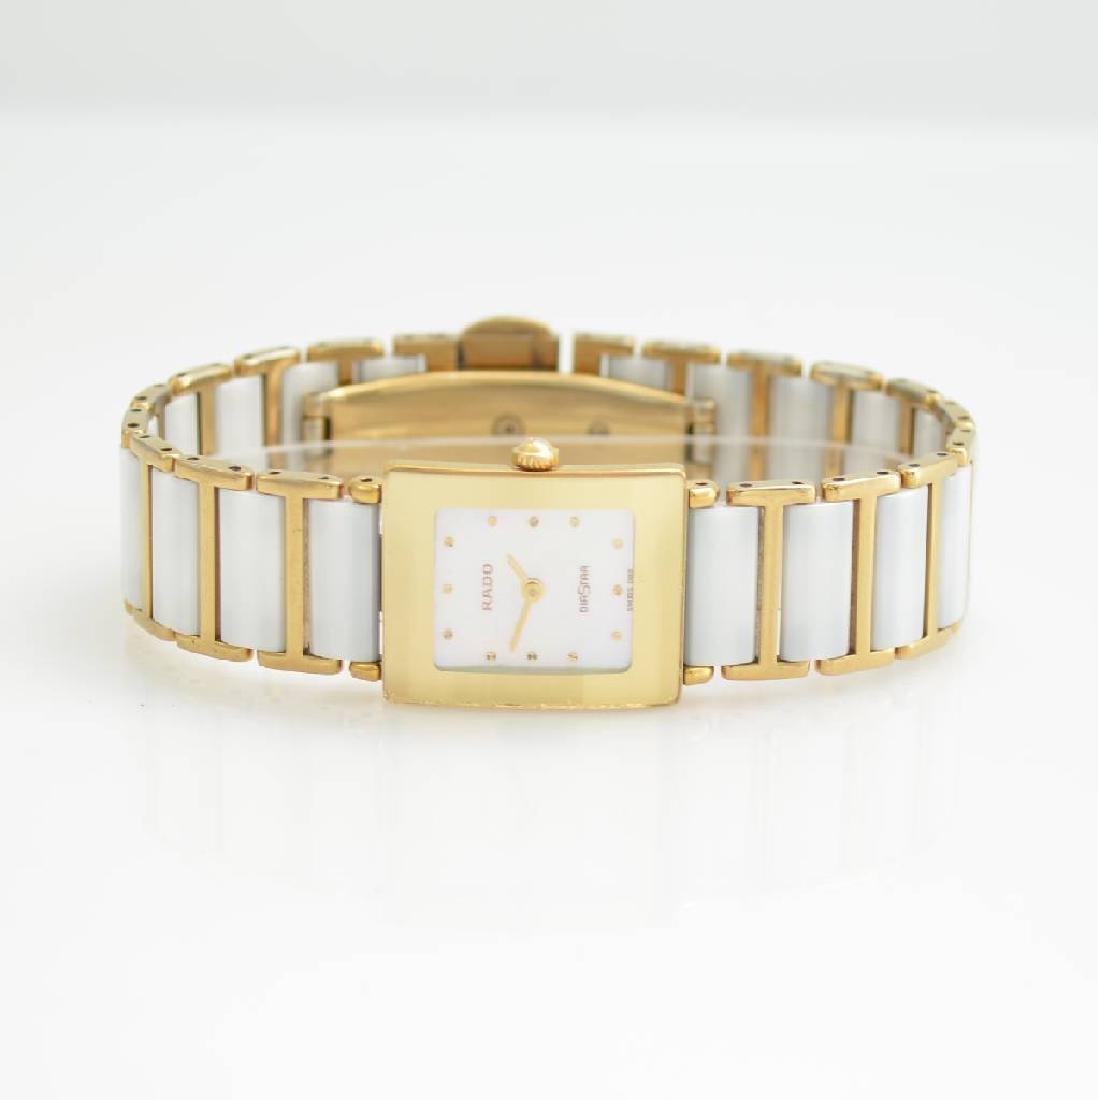 RADO Diastar ladies wristwatch, Switzerland around 1994